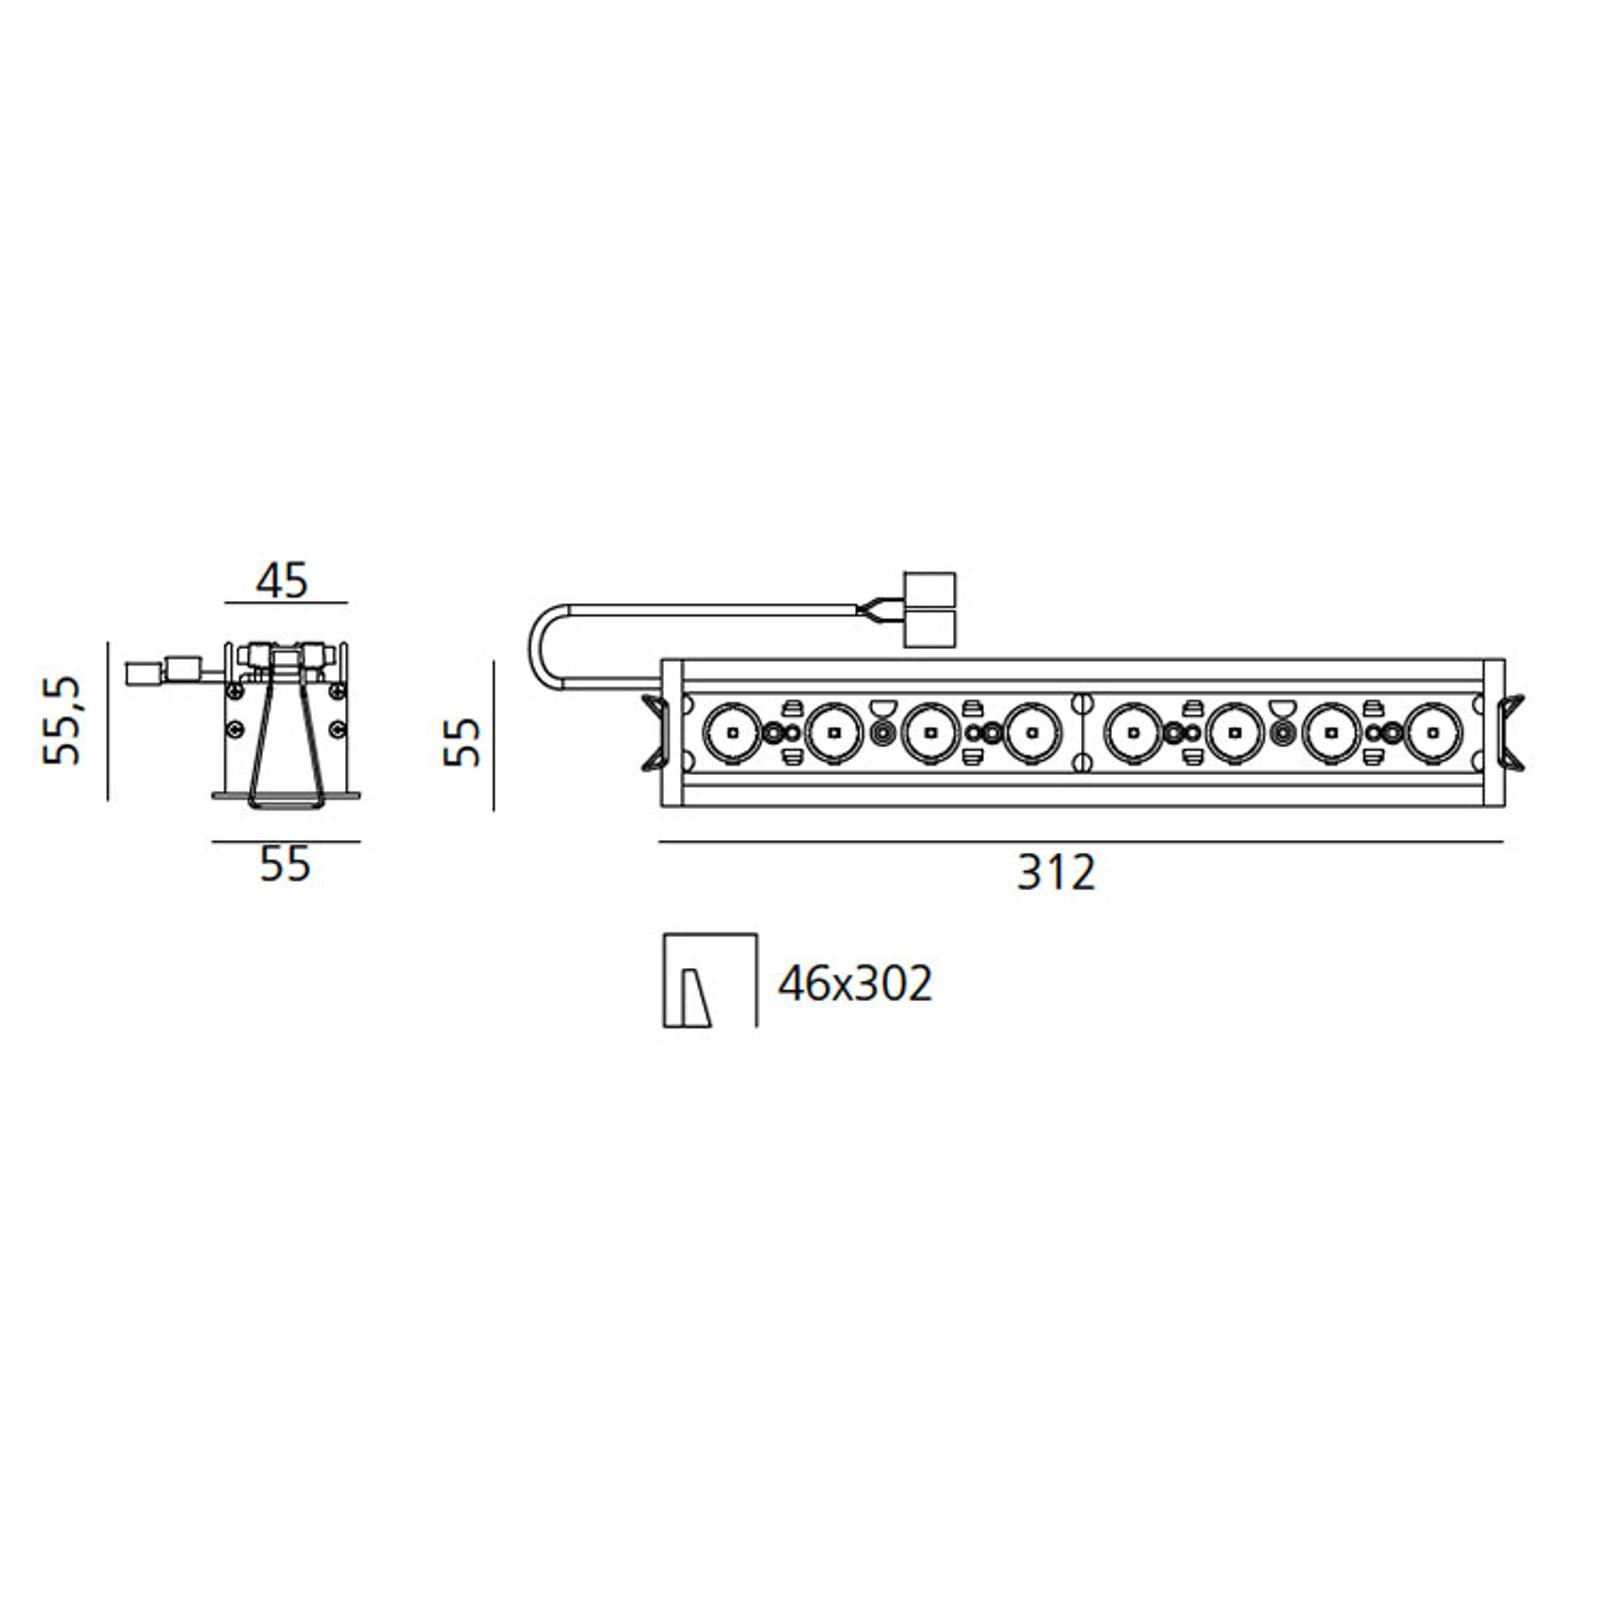 Artemide Einbaustrahler Sharp RCS TRIM 8-flg. 22W